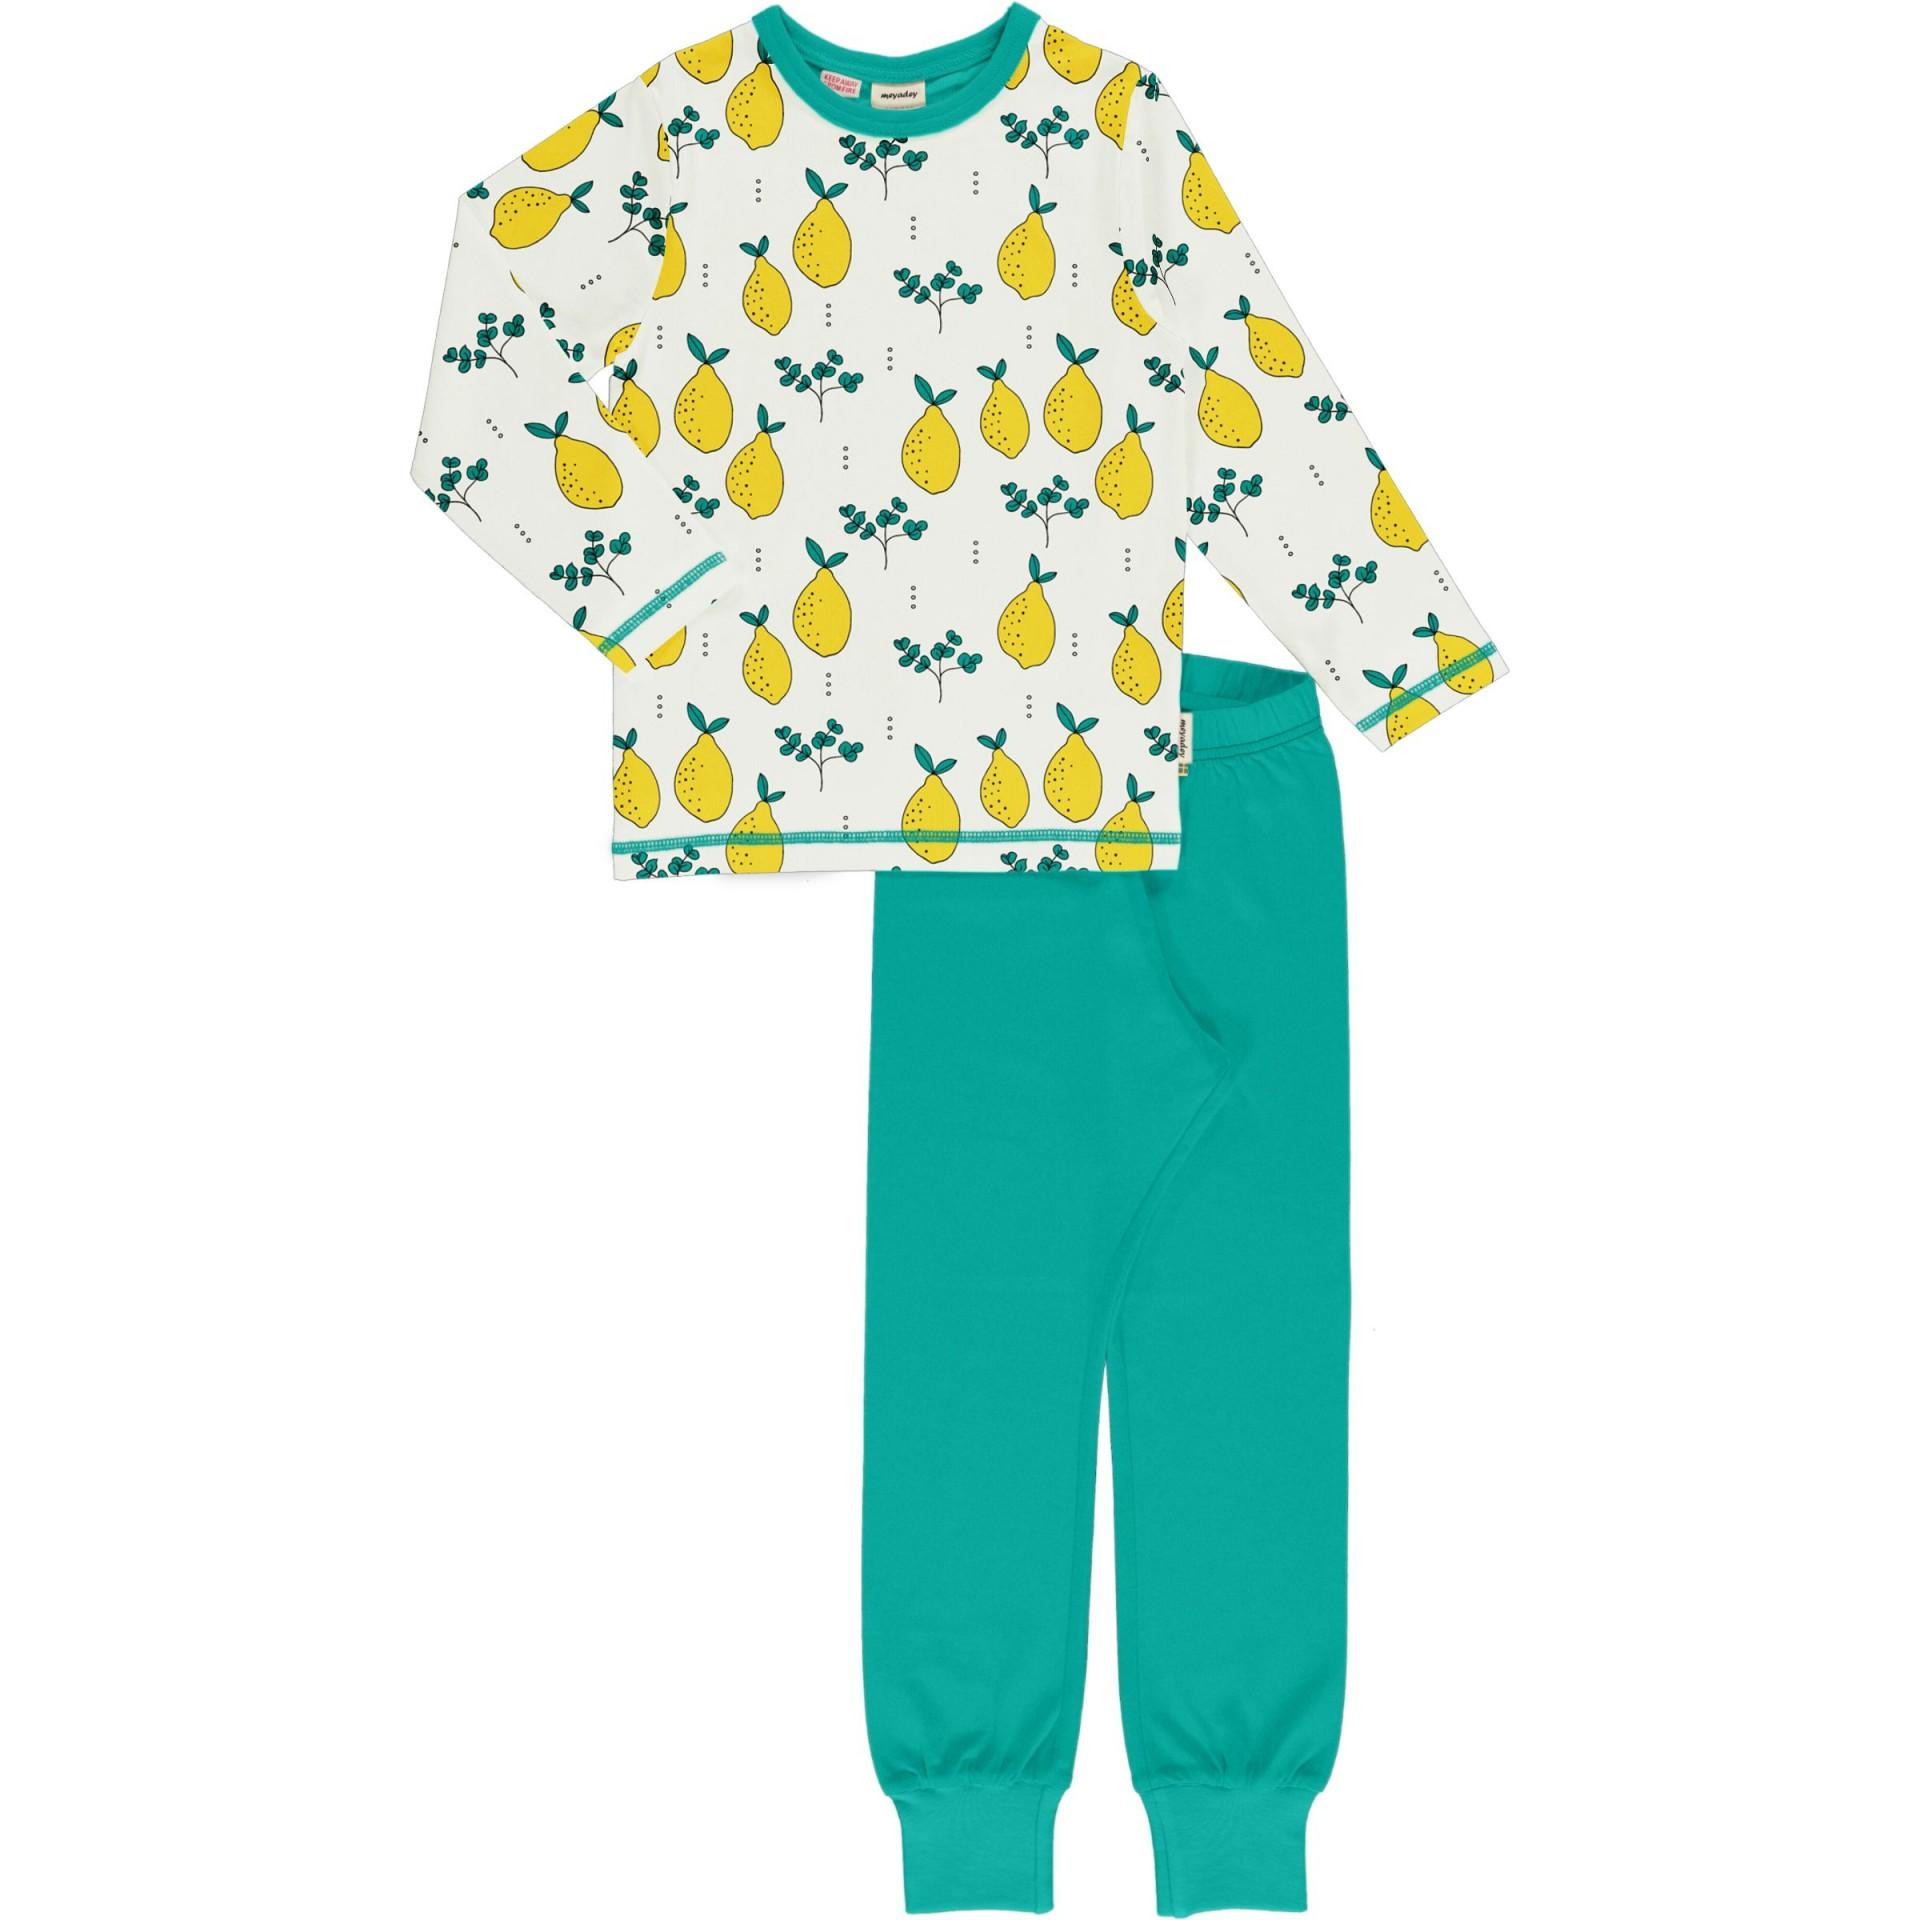 Pijama LEAFY LEMON Meyaday (Tamanhos disponíveis 18-24m, 3-4a, 5-6a, 7-8a, 9-10a)